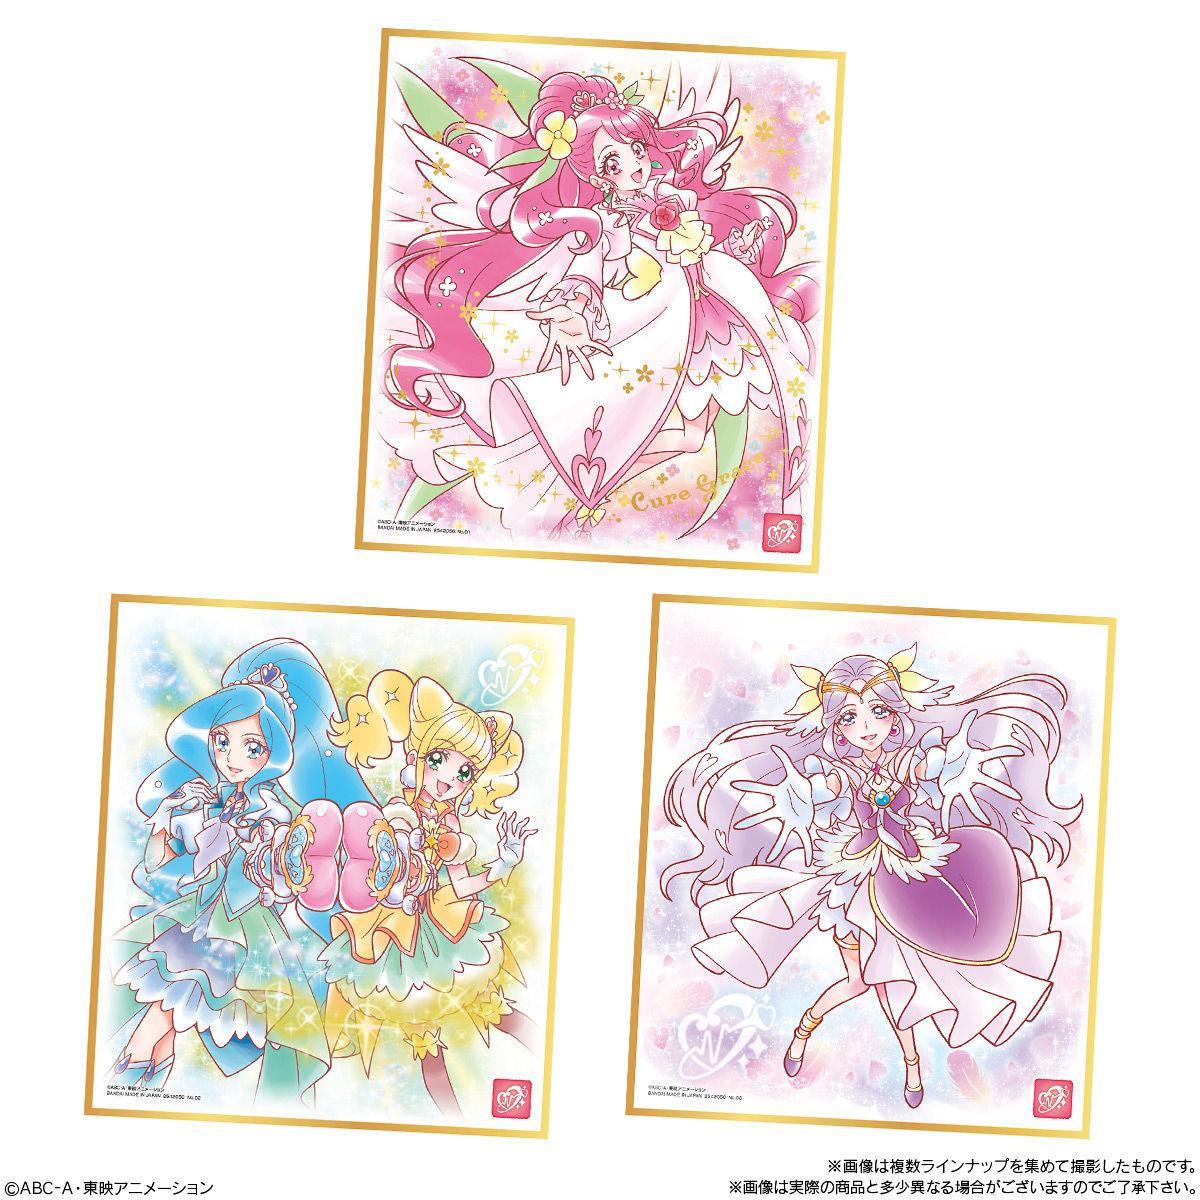 プリキュア 色紙ART3_1